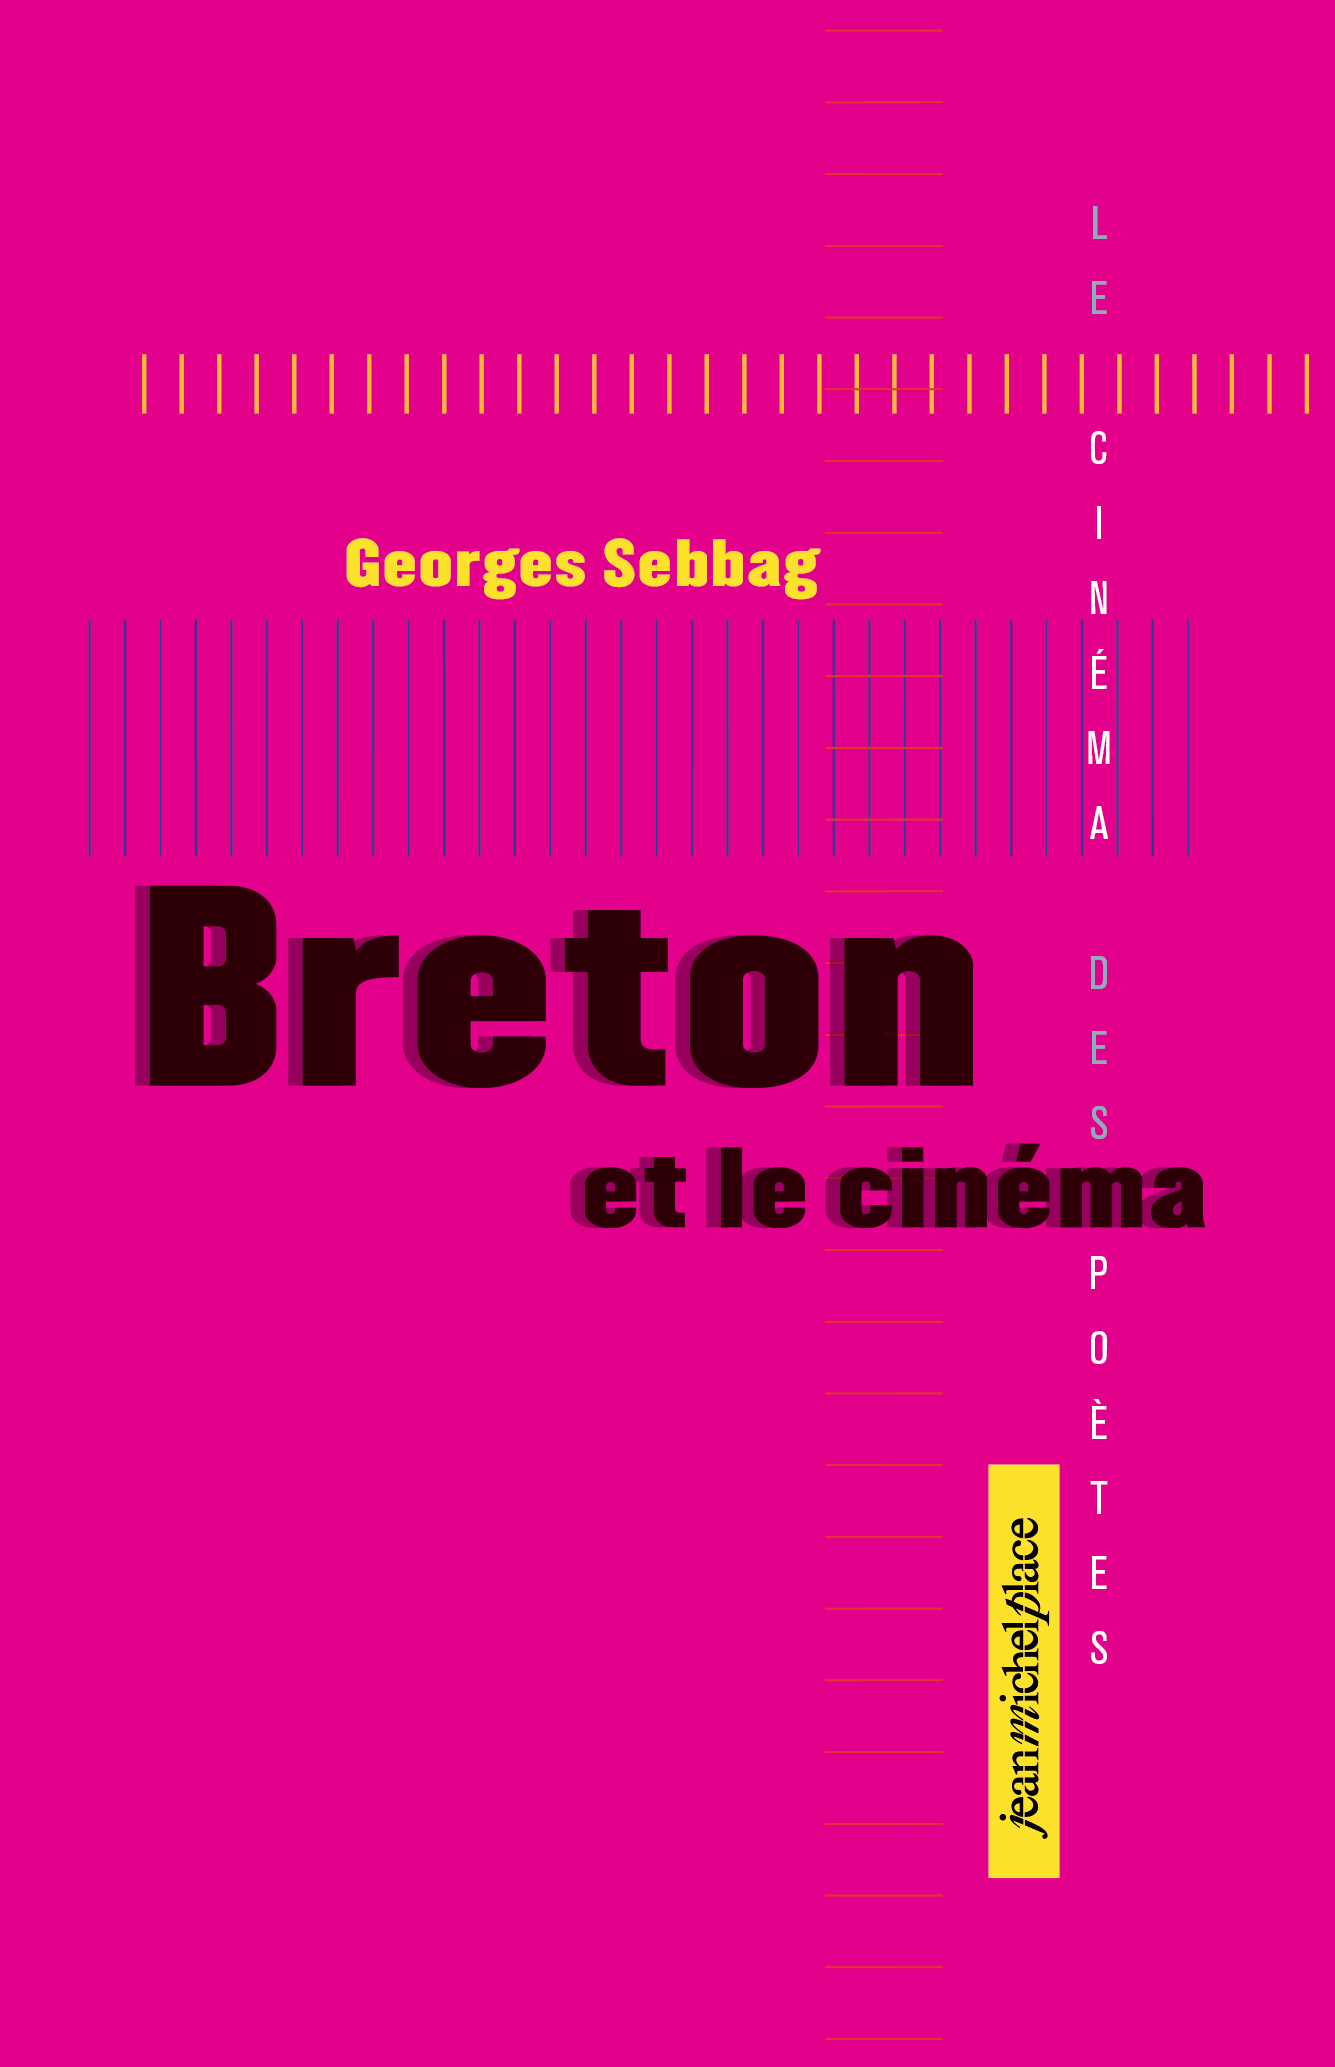 Breton et le cinéma Collection « Le cinéma des poètes » Les nouvelles éditions Jean-Michel Place